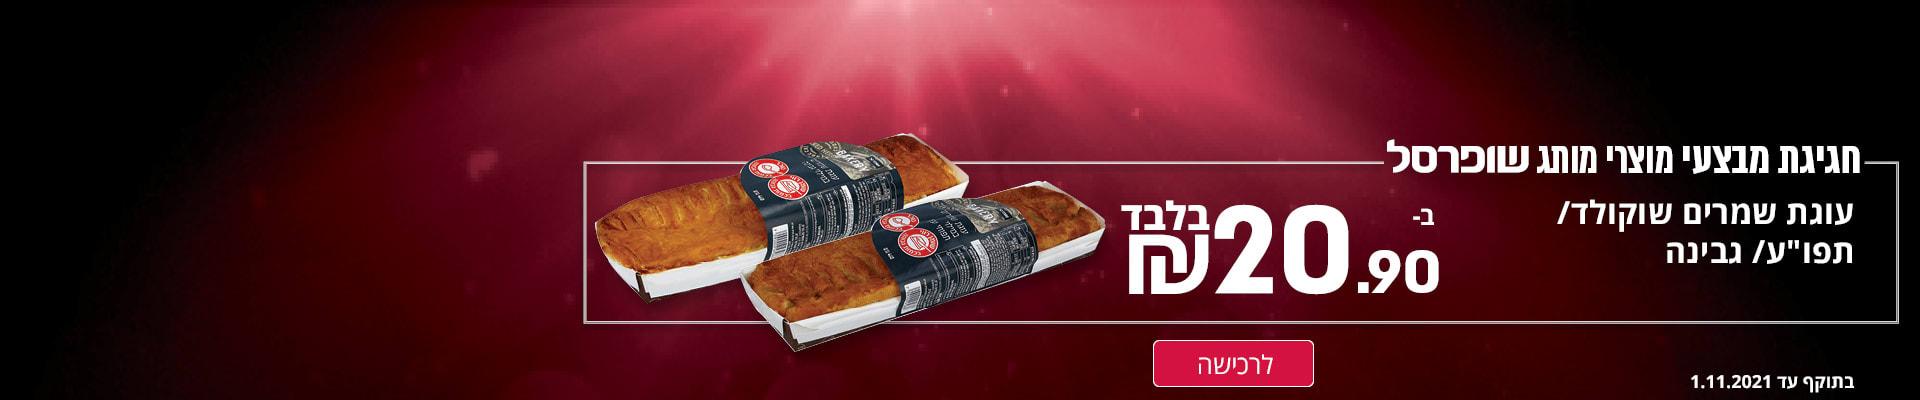 """חגיגת מבצעי מוצרי מותג שופרסל: עוגת שמרים שוקולד/תפו""""ע/גבינה ב-20.90 ₪ בתוקף עד 1.11.2021"""